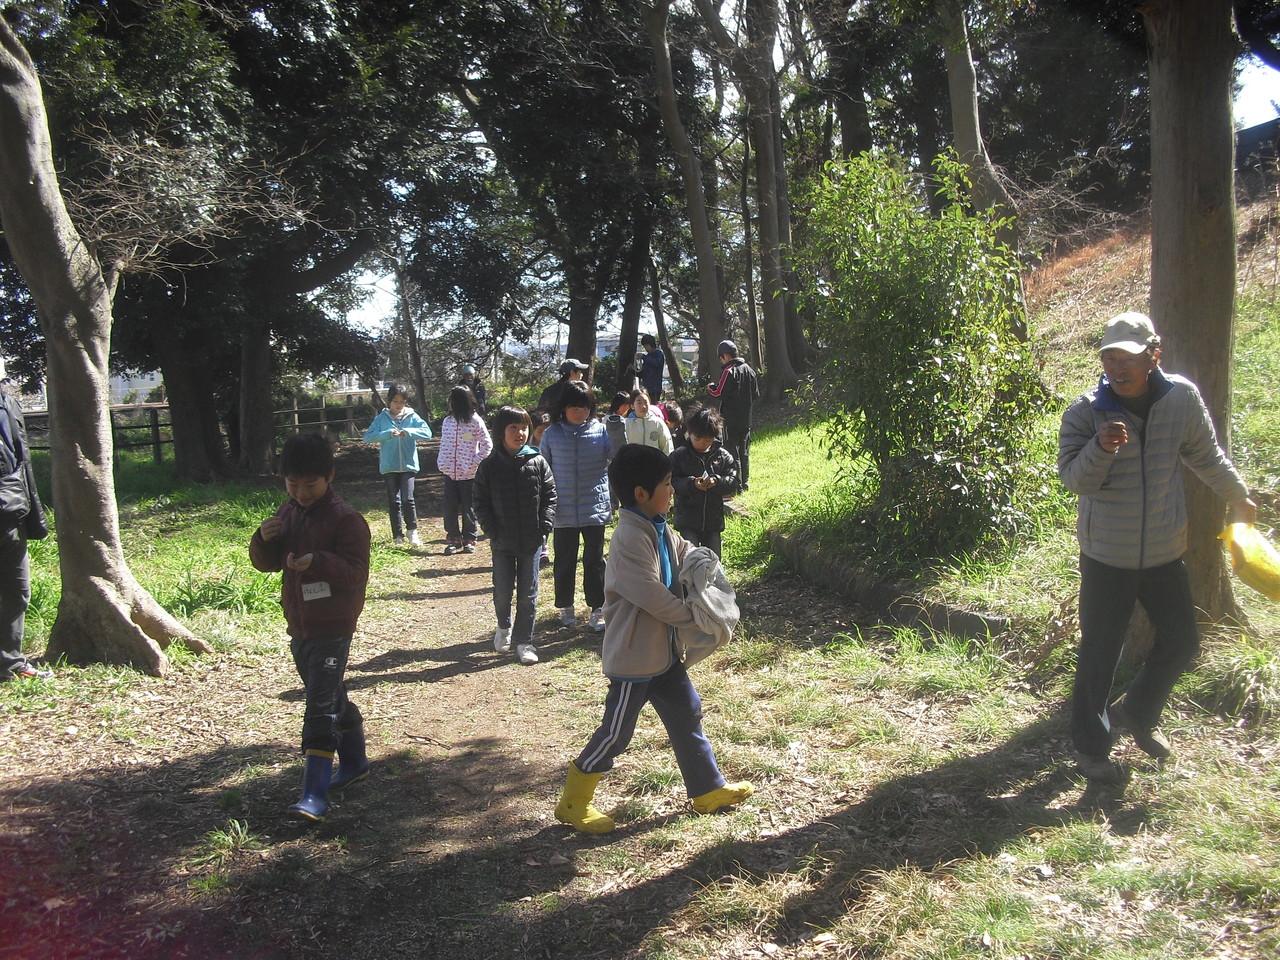 笛作りの後は、神明塚古墳に行って木の実を使ったネイチャーゲームをしました。